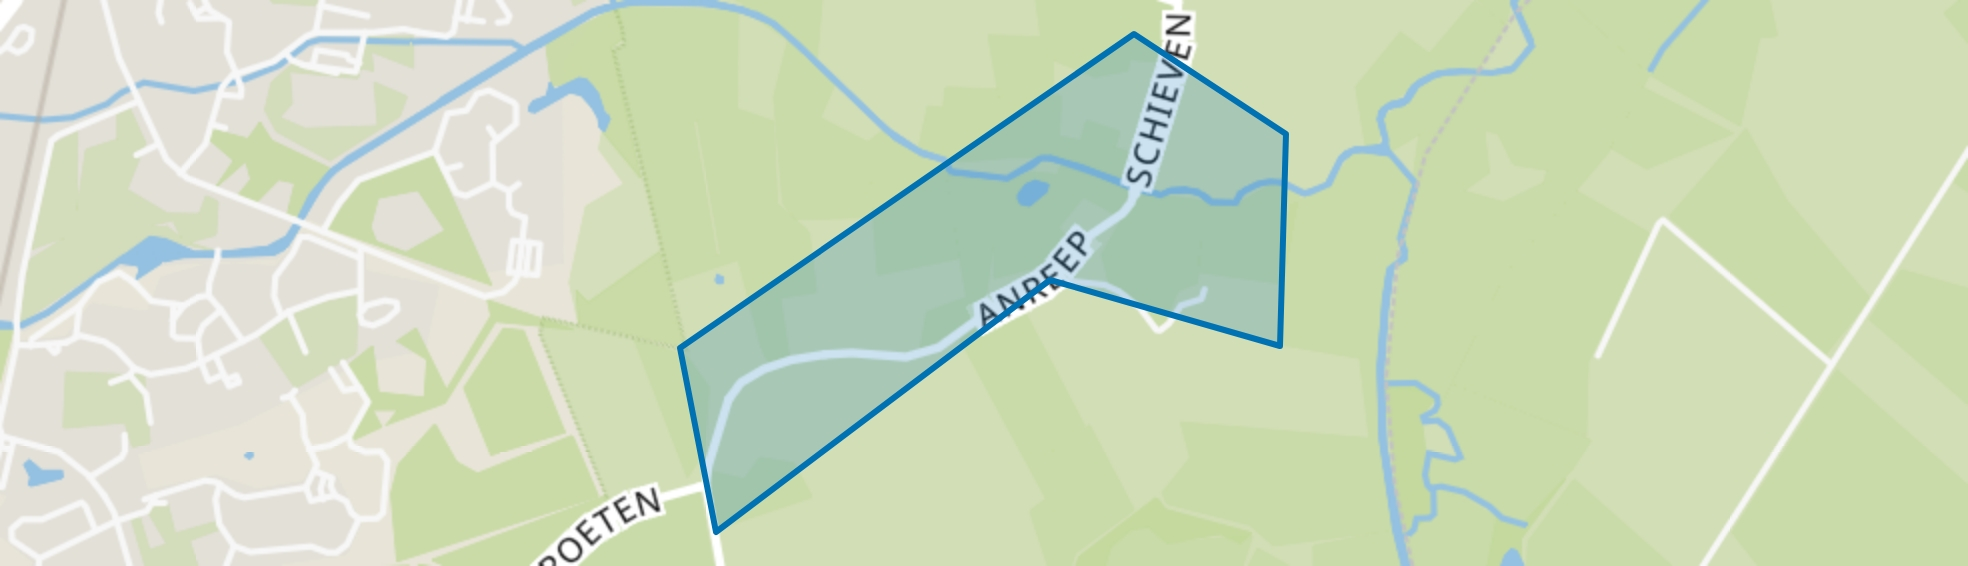 Anreep/Schieven, Assen map